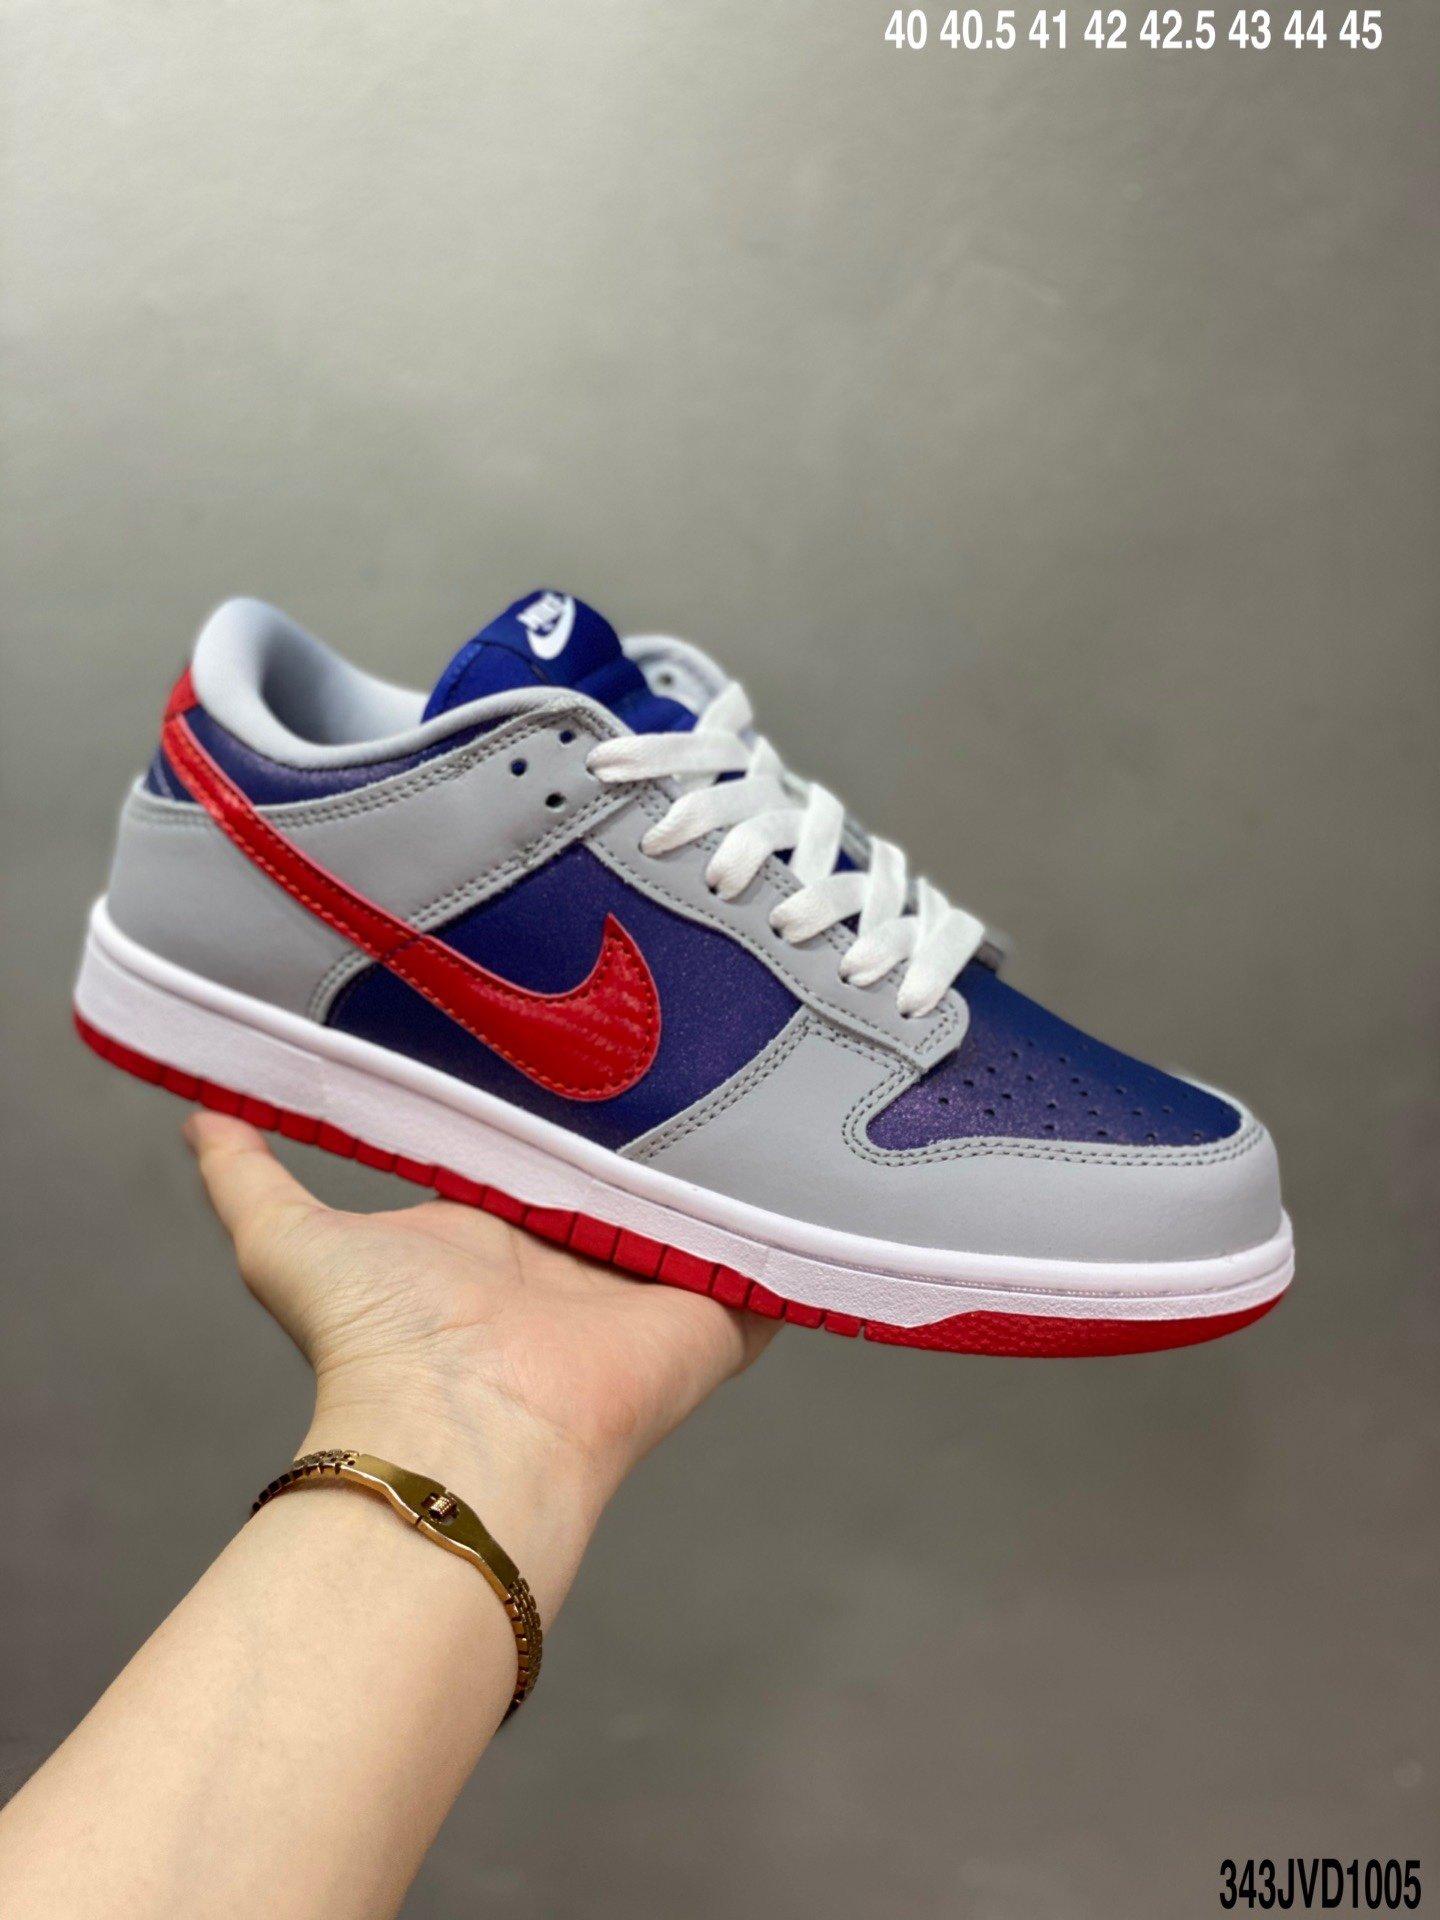 板鞋, Zoom Air, Zoom, SB Dunk Low, Nike SB Dunk, Nike SB, Dunk Low, Dunk